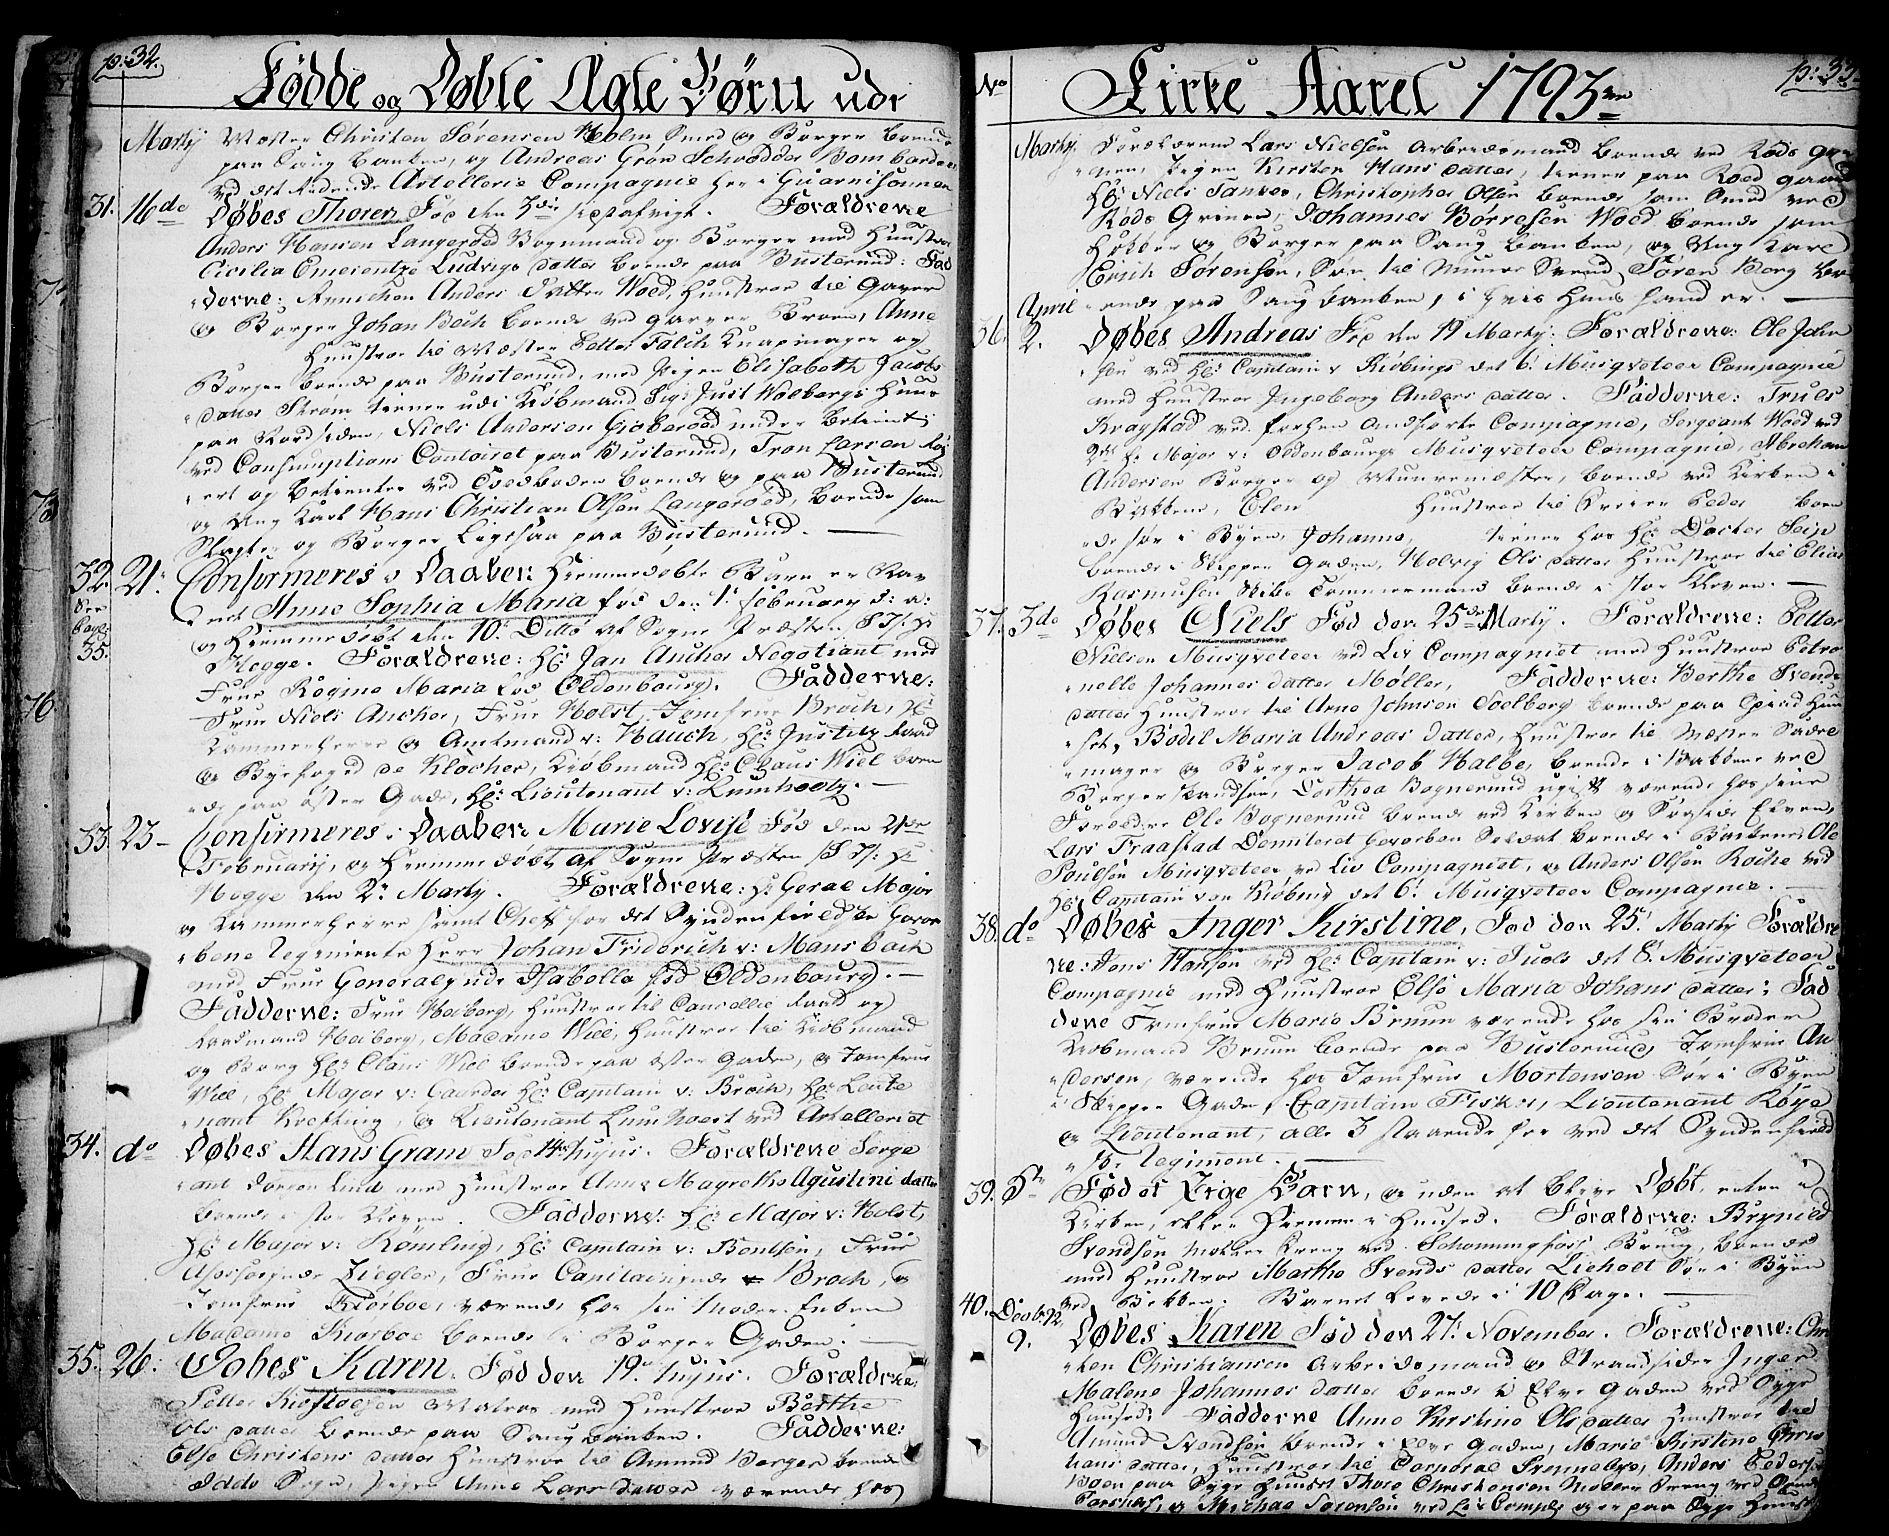 SAO, Halden prestekontor Kirkebøker, F/Fa/L0002: Ministerialbok nr. I 2, 1792-1812, s. 32-33